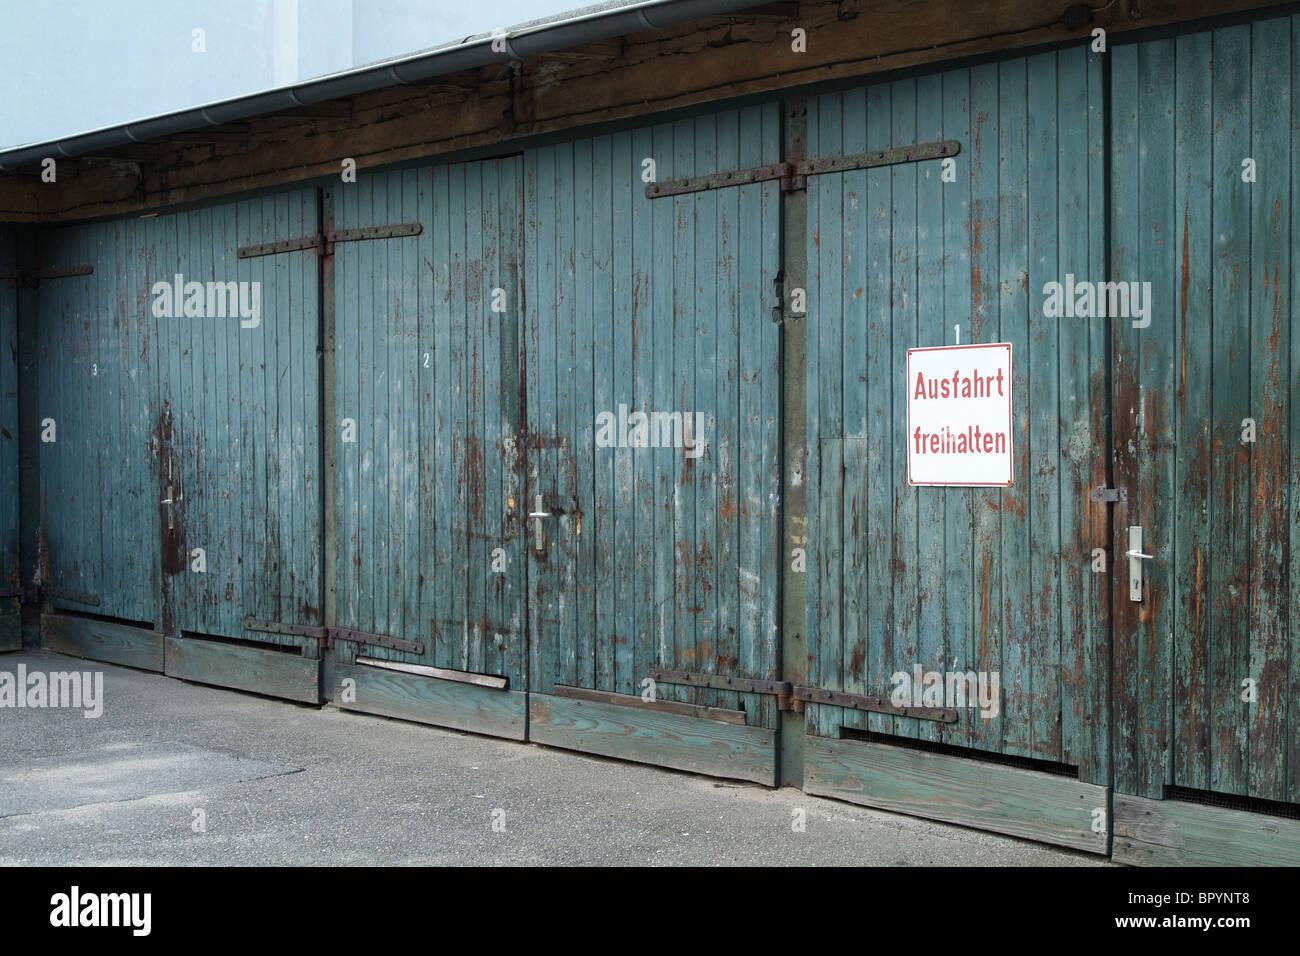 Wonderful (Keep Driveway Clear!) Sign On Garage Door, Hamburg, Germany